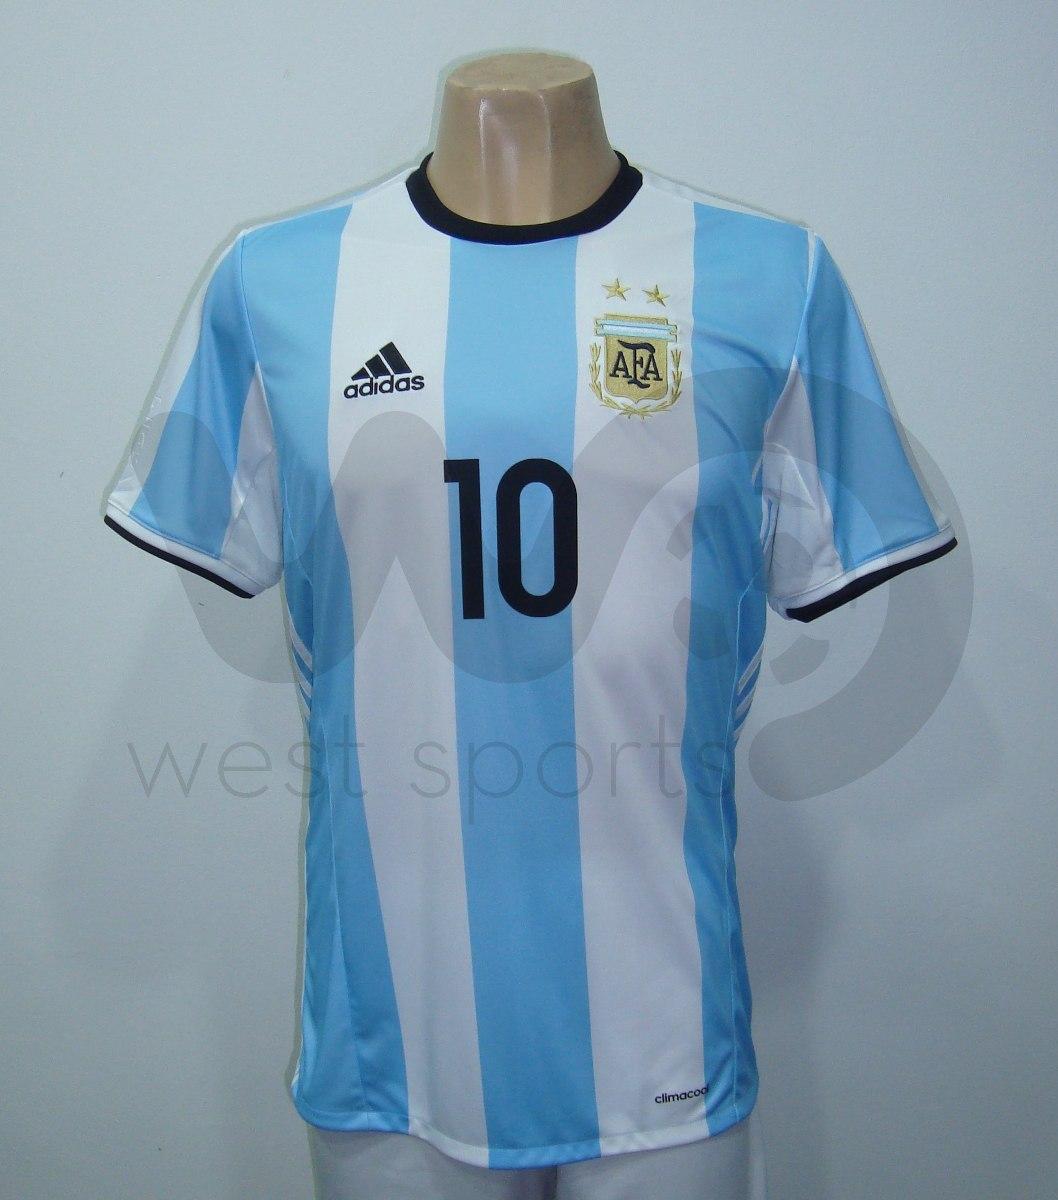 9433cdb8fbbb9 camiseta selección argentina titular 2016 2017 messi 10. Cargando zoom.